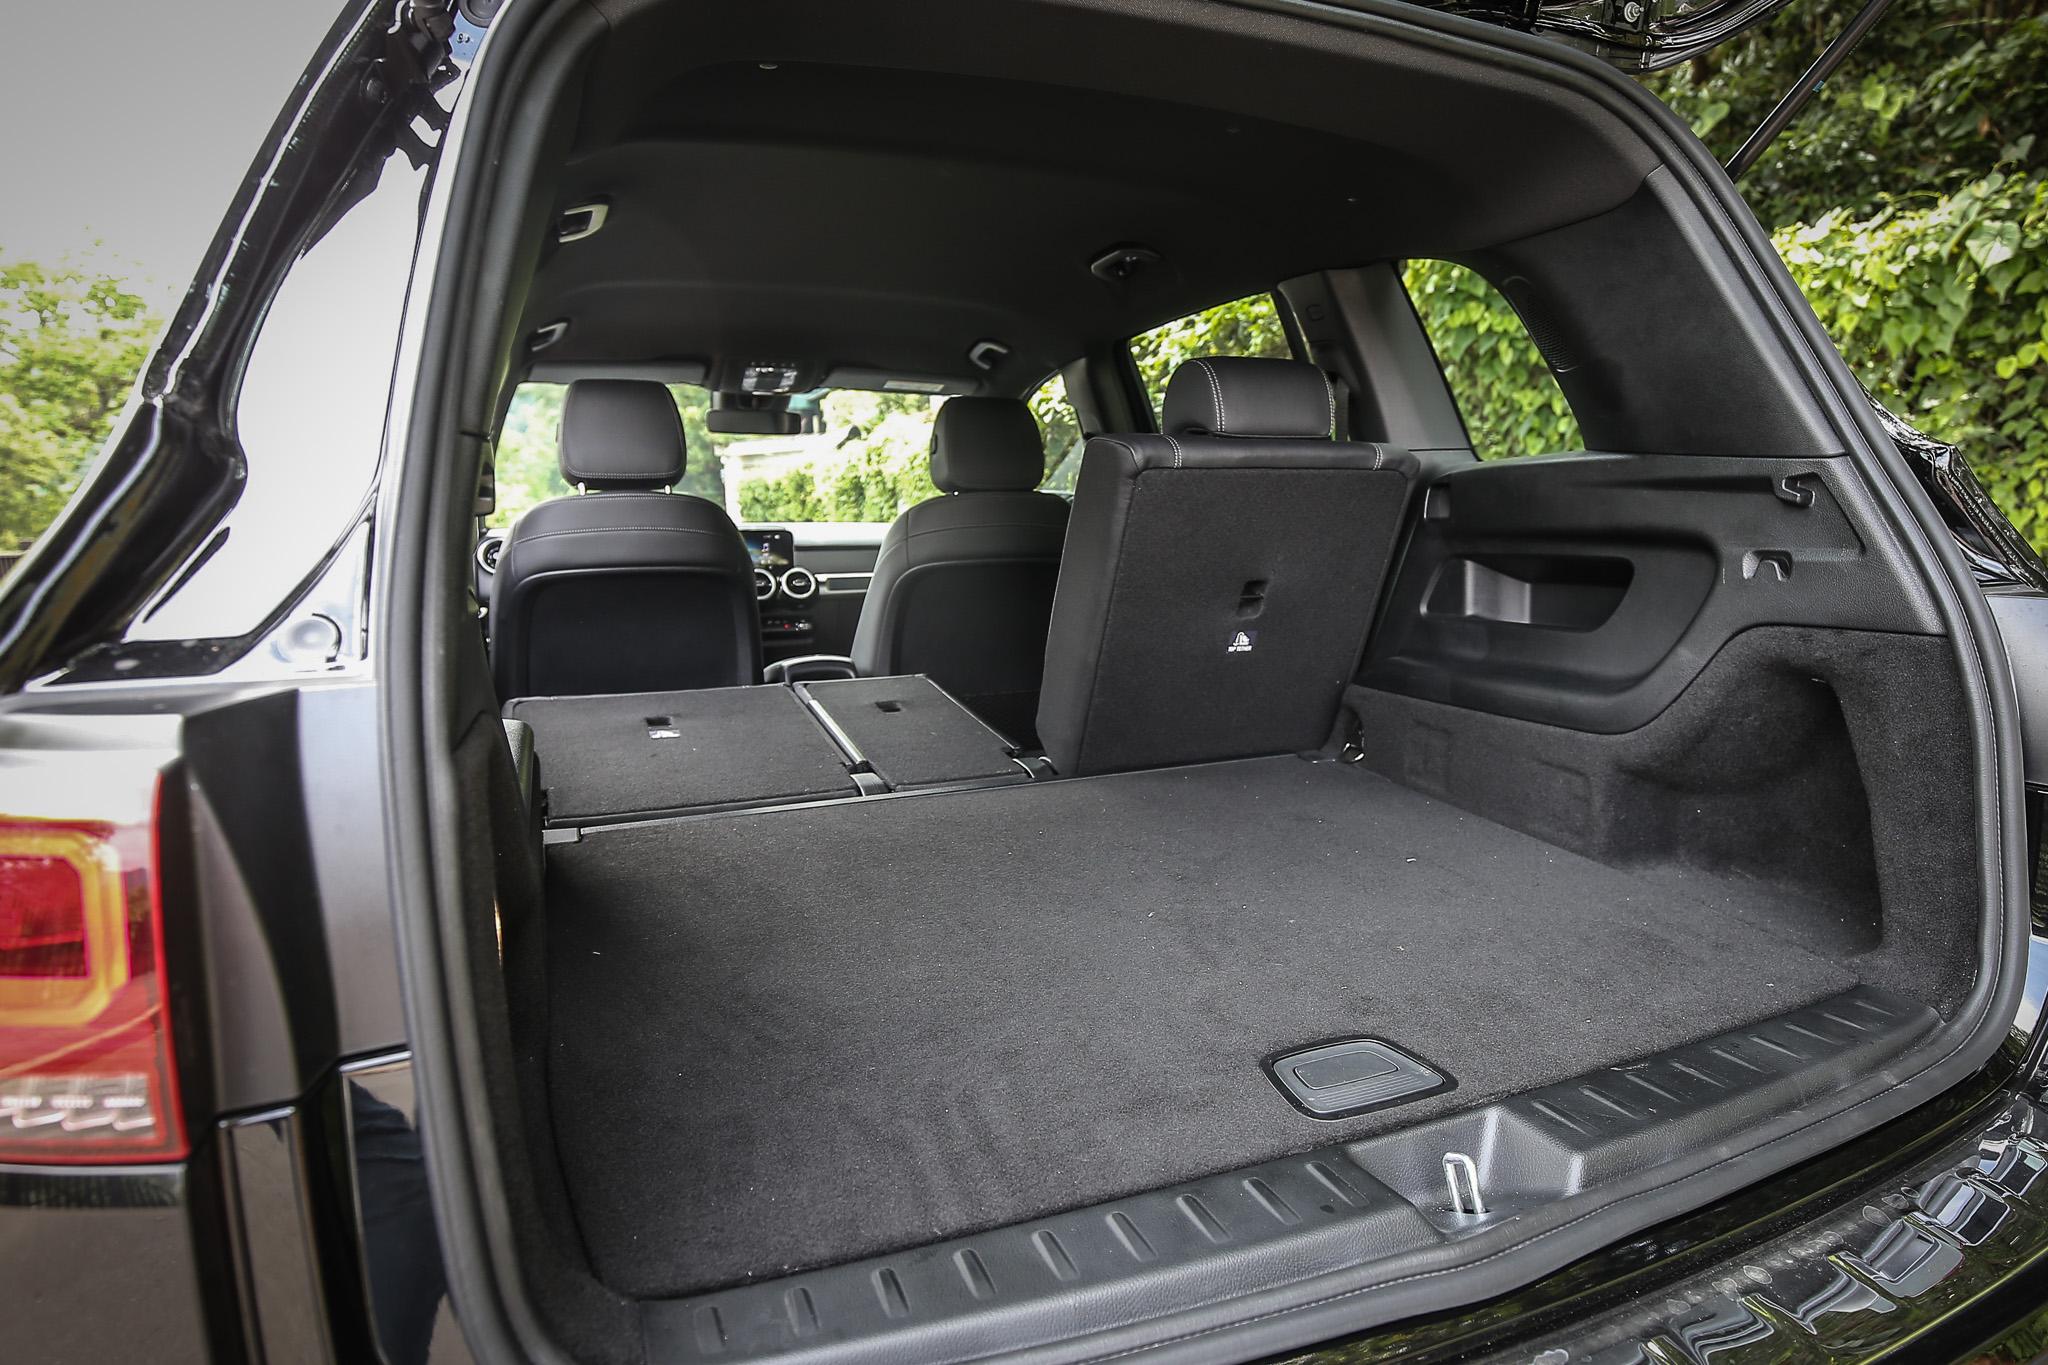 第二排座椅傾倒後,空間更可擴充至 1800 公升。